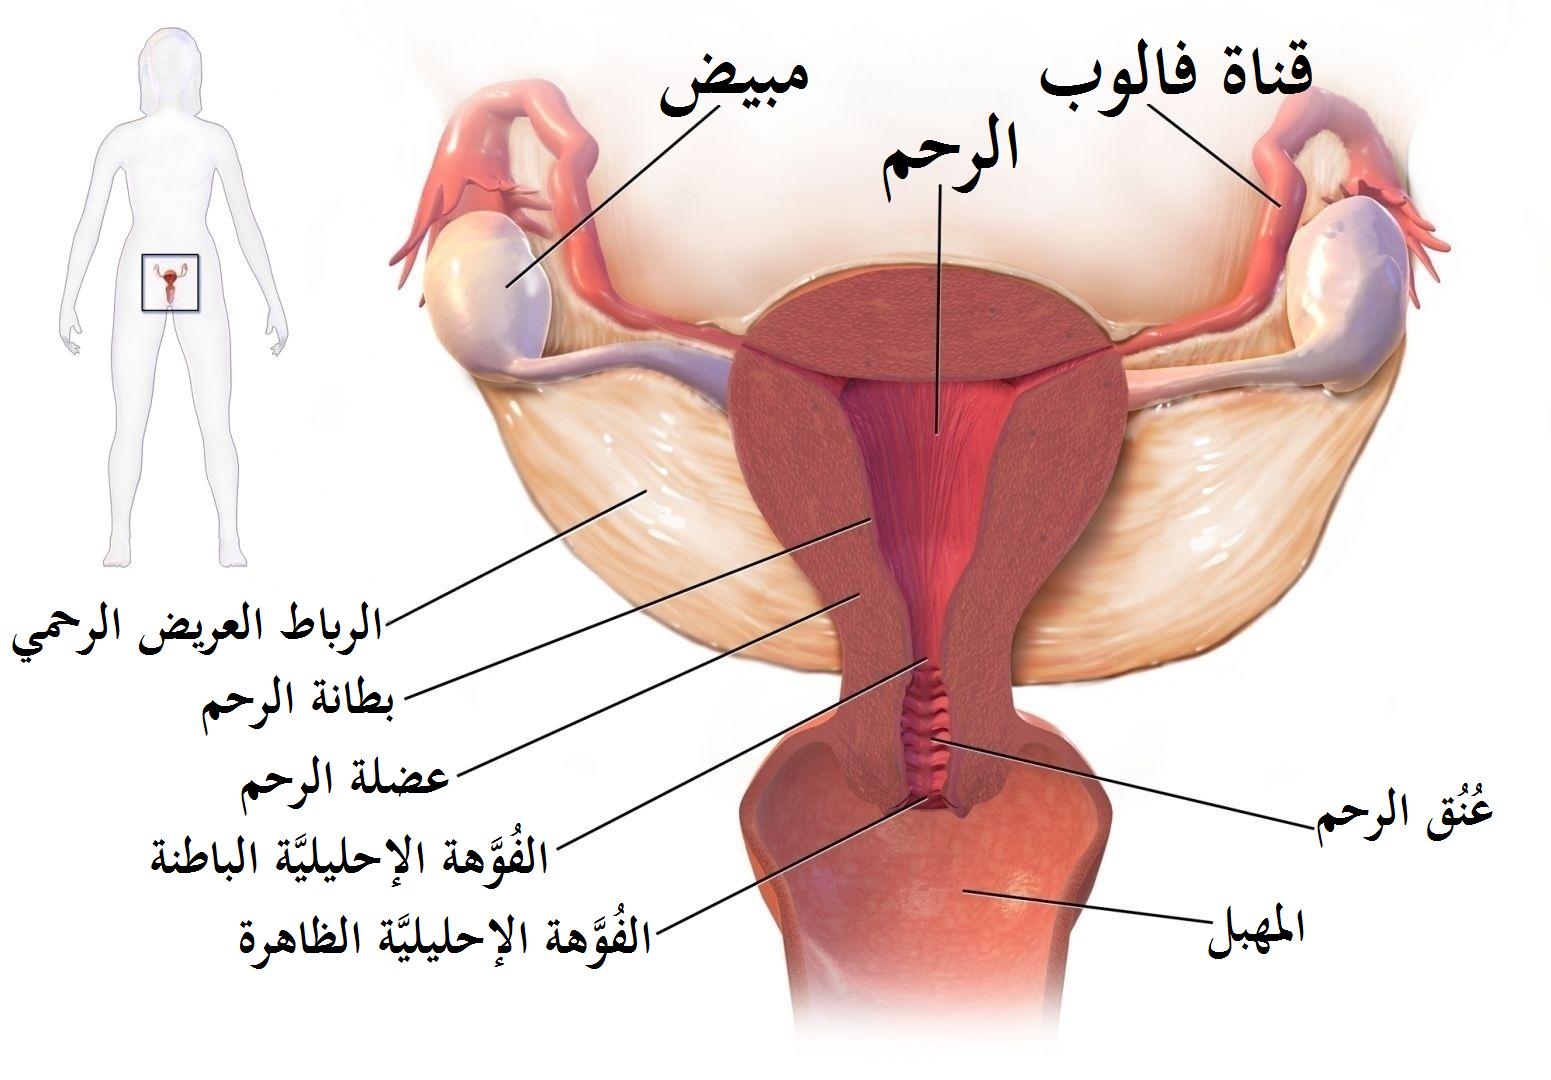 مرض التهاب الحوض ويكيبيديا